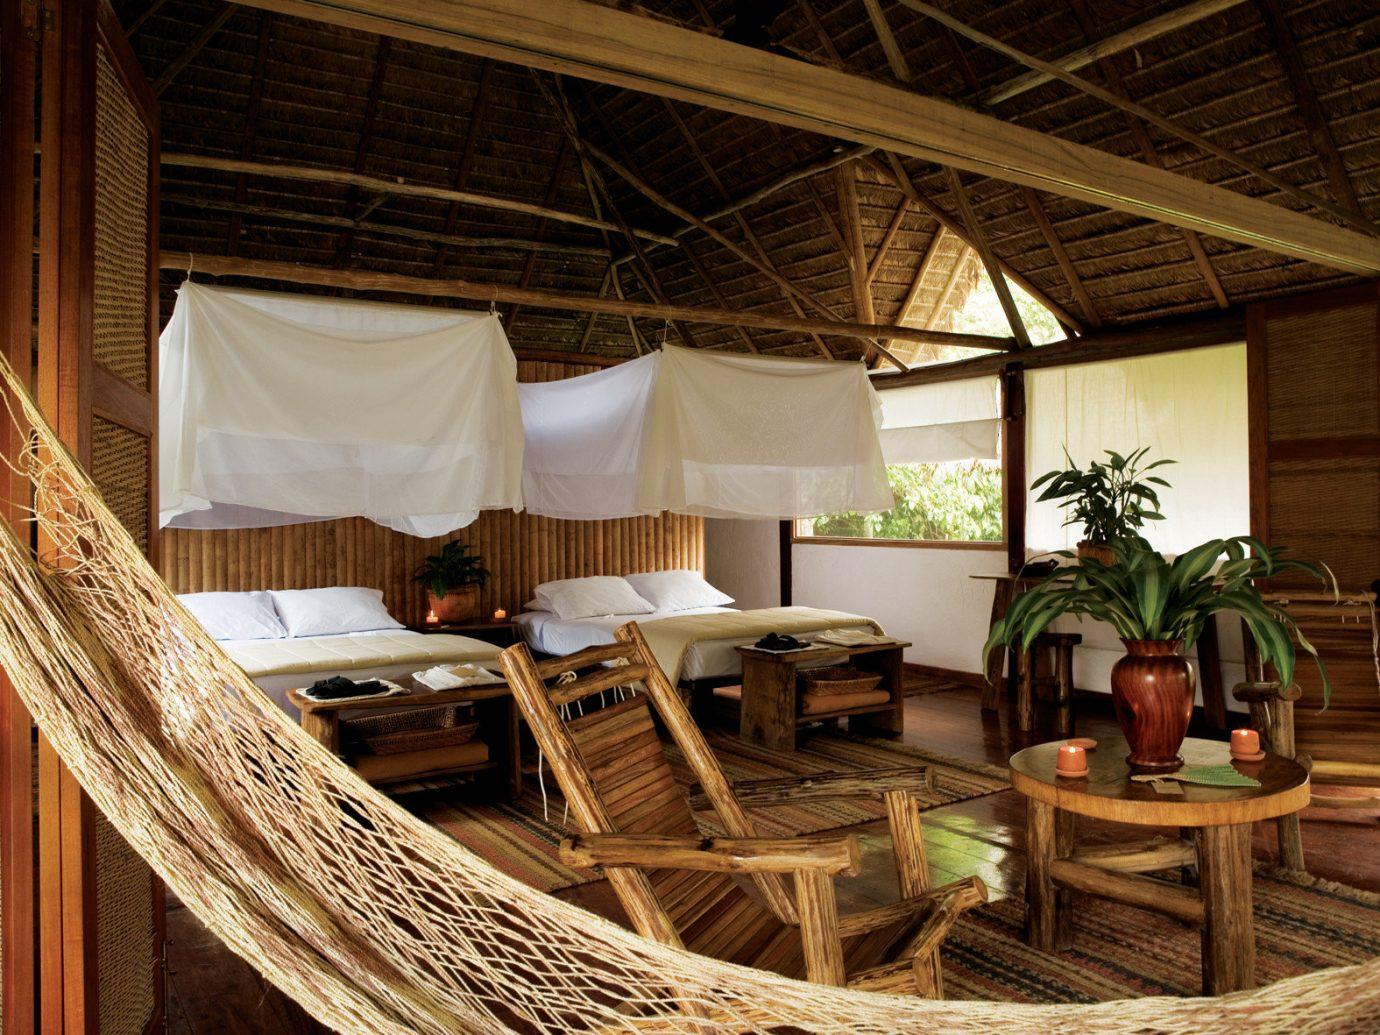 Hotels indoor chair room Resort estate interior design bed home cottage furniture several